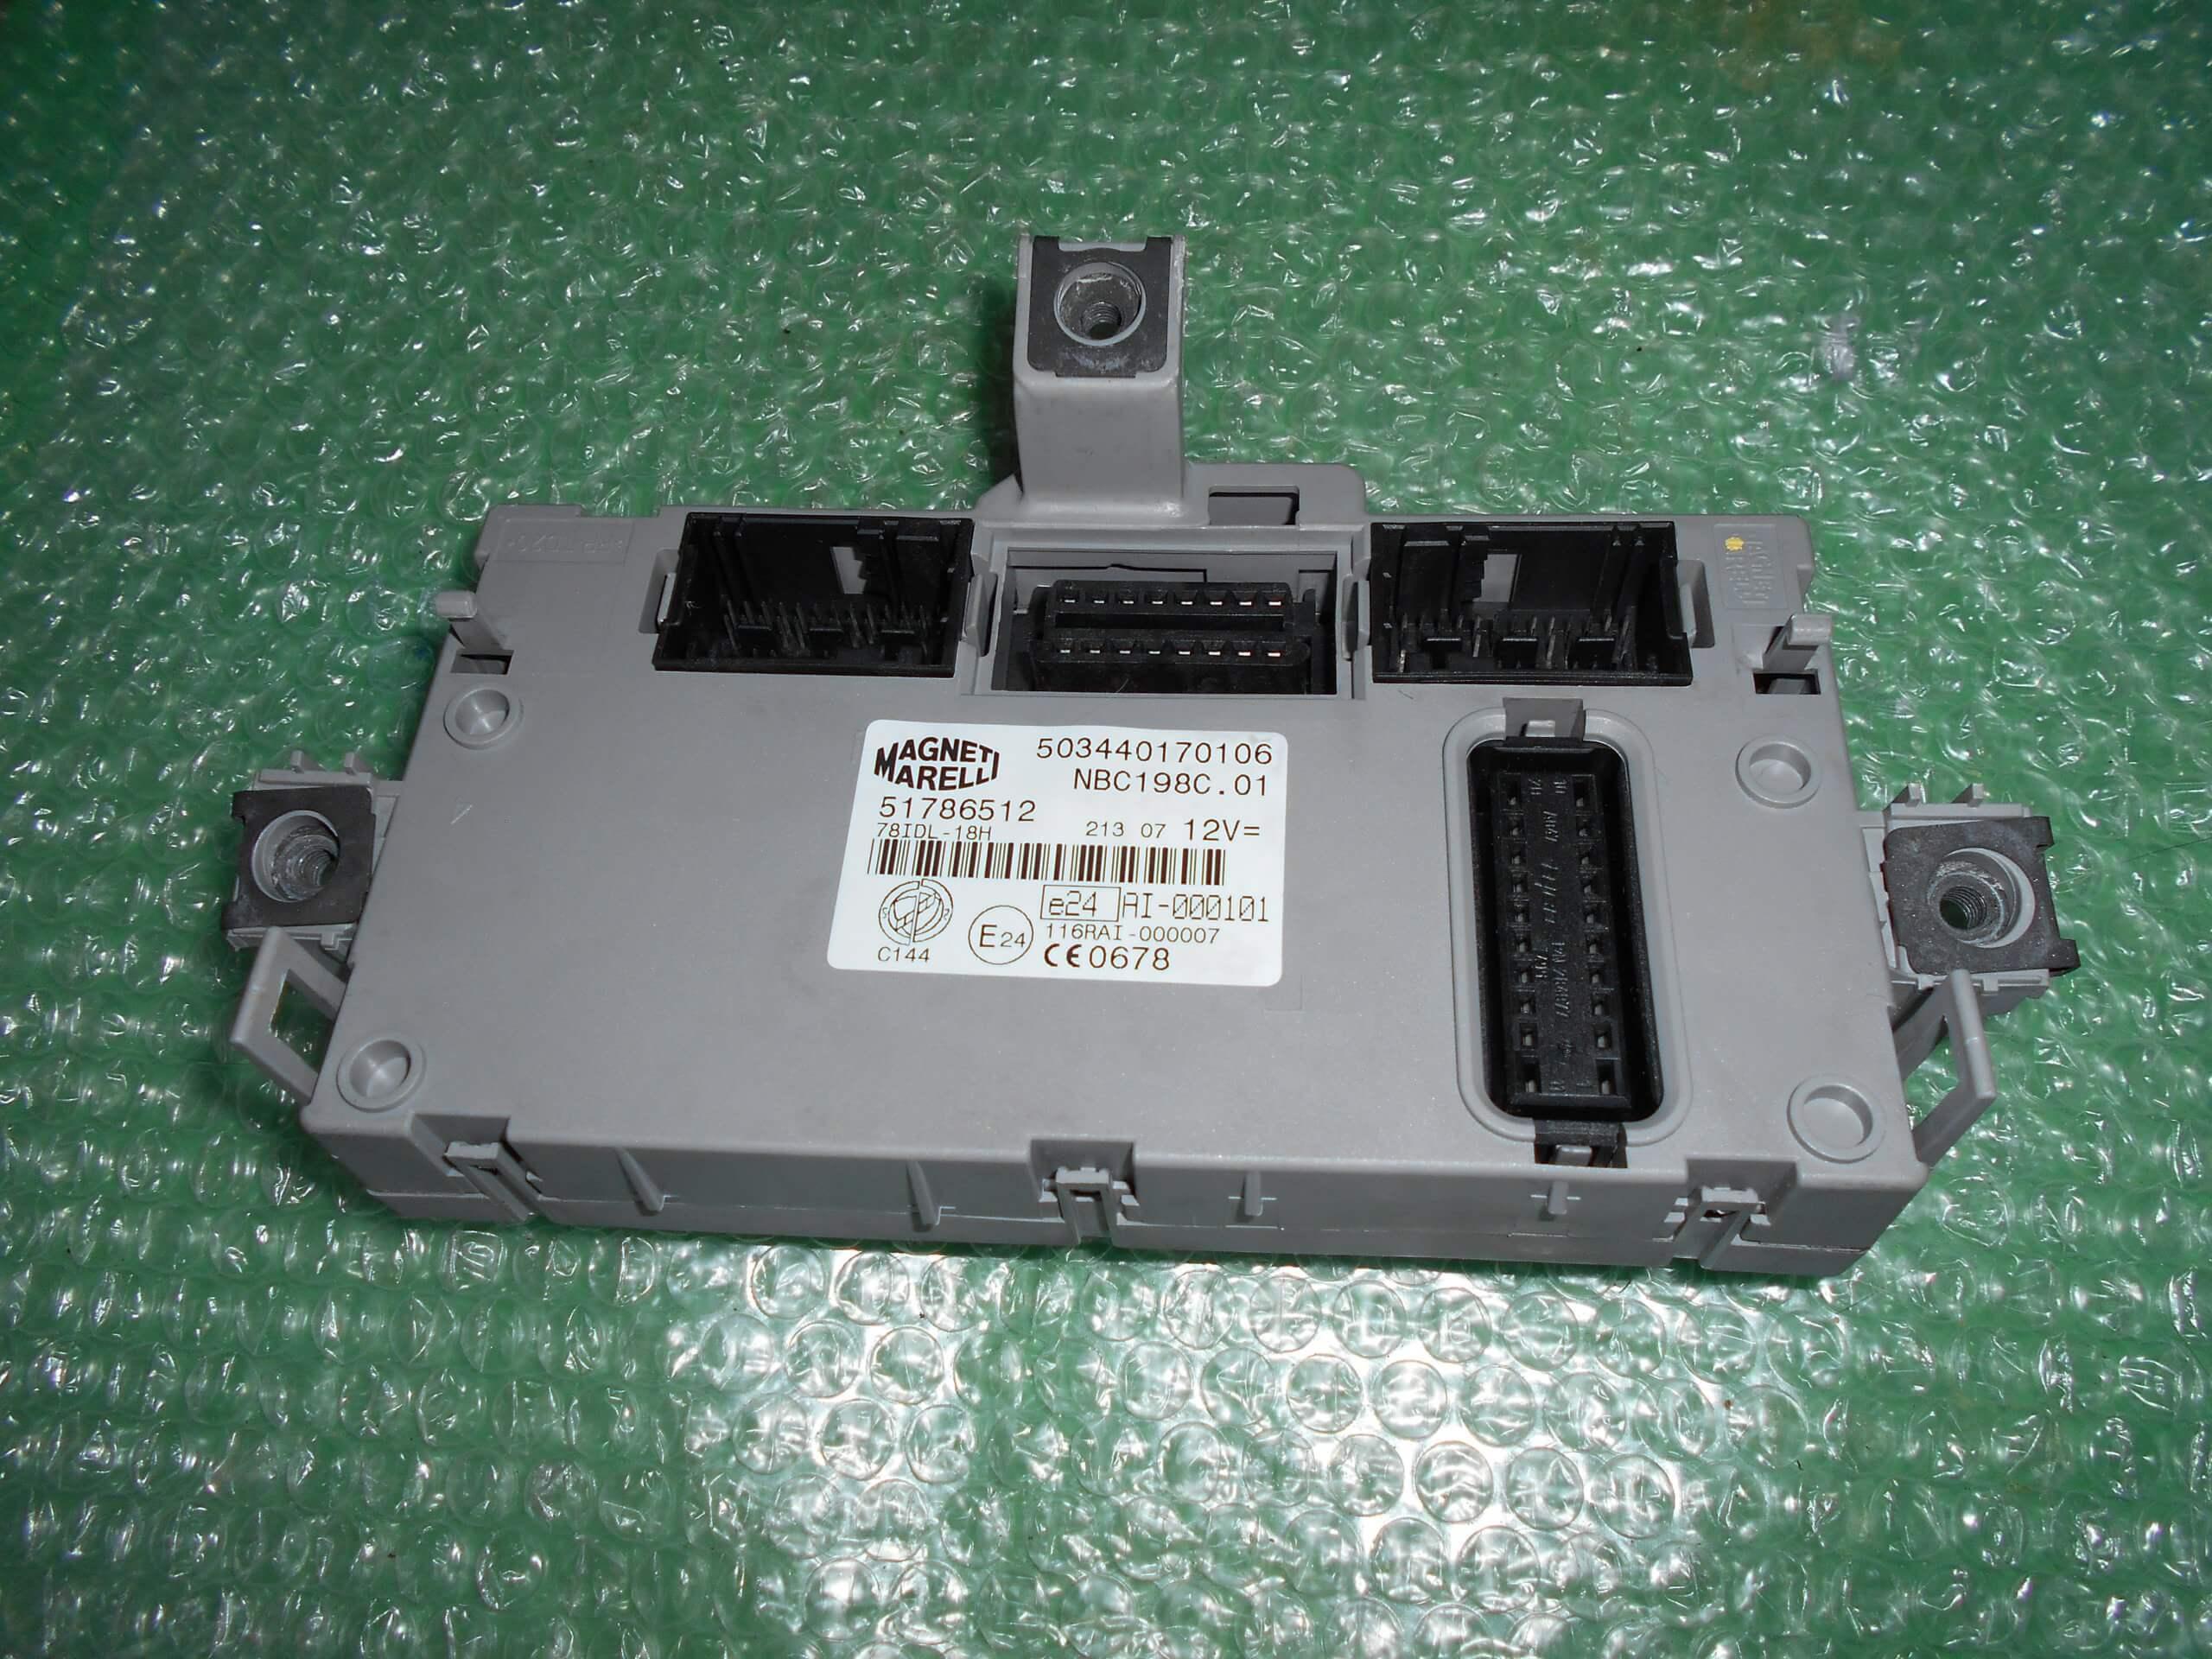 MODULO BODY COMPUTER 51786512 – MAGNETI MARELLI 503440170106 FIAT BRAVO II (198)(2007-2012)